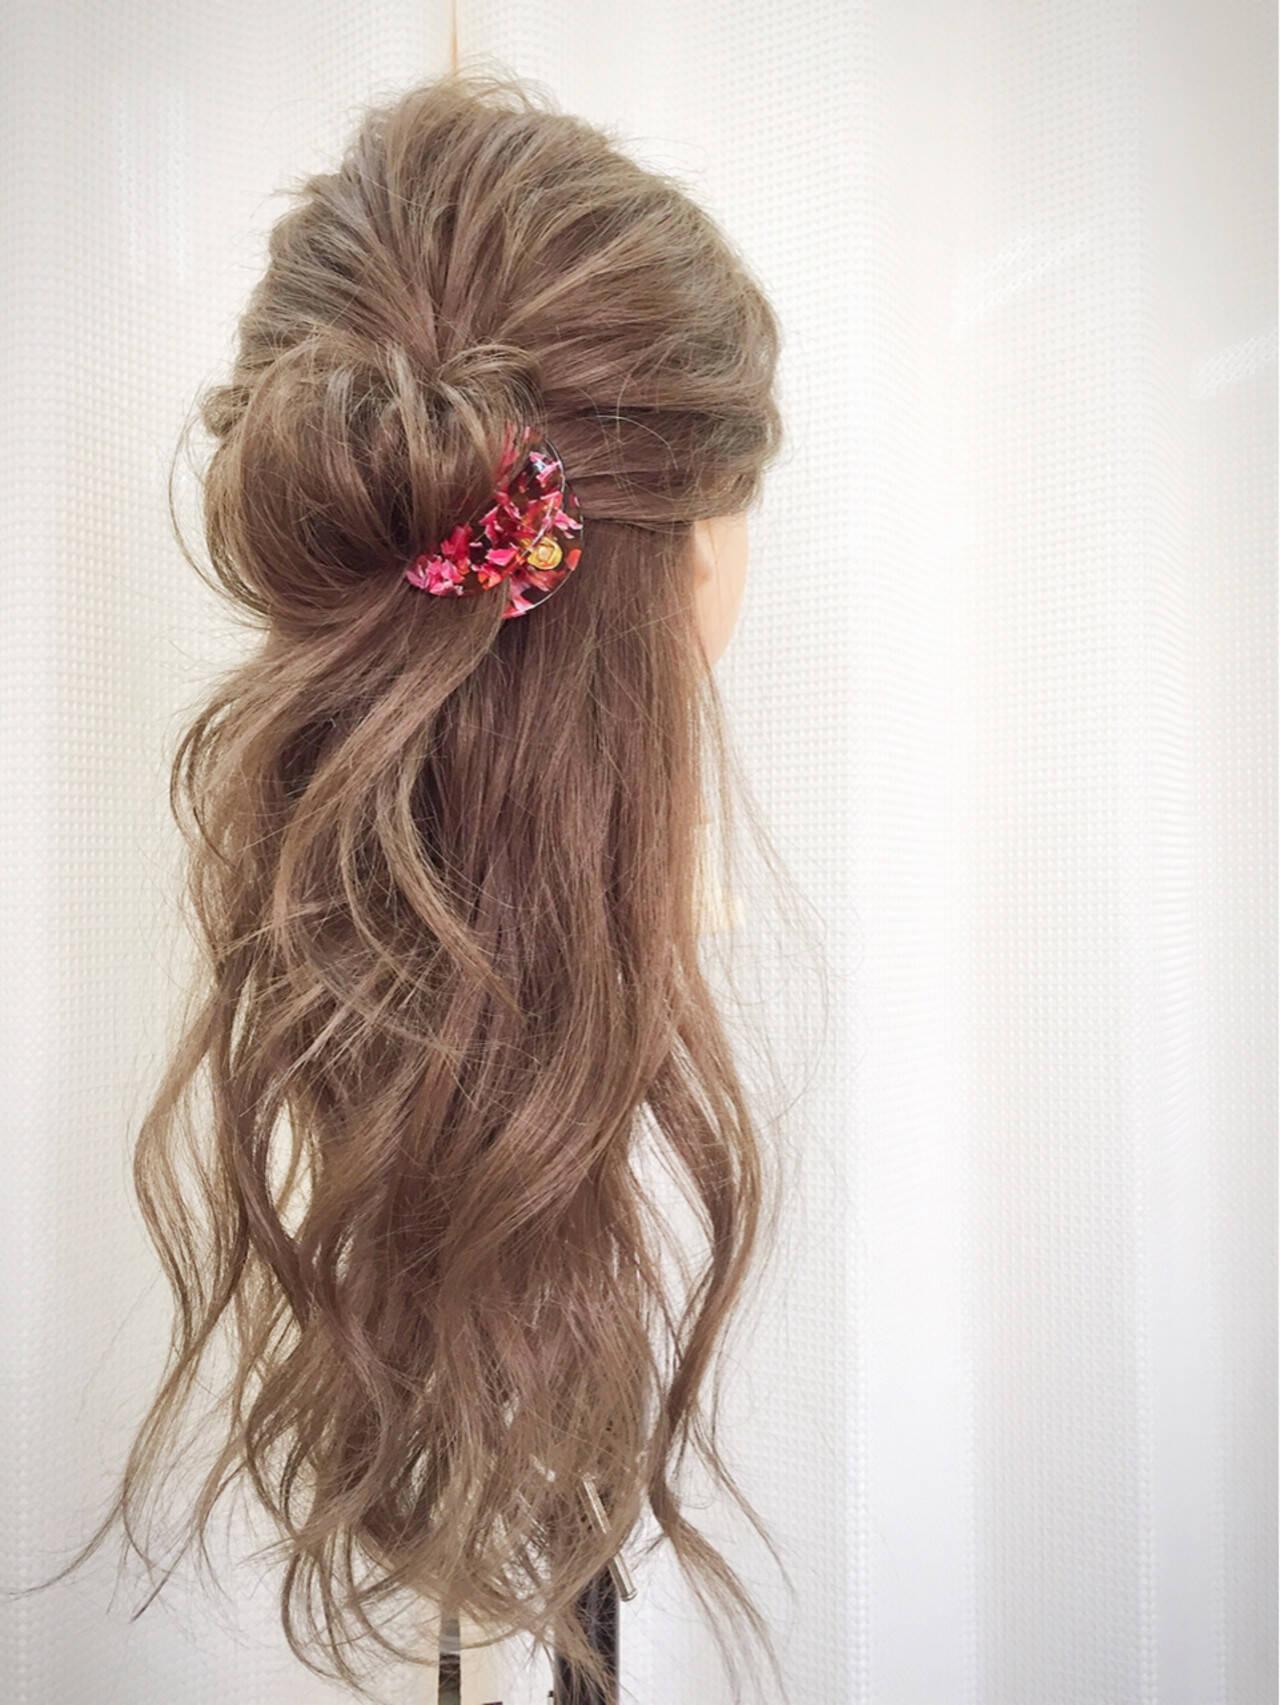 くせ毛風 ハーフアップ ショート 簡単ヘアアレンジヘアスタイルや髪型の写真・画像